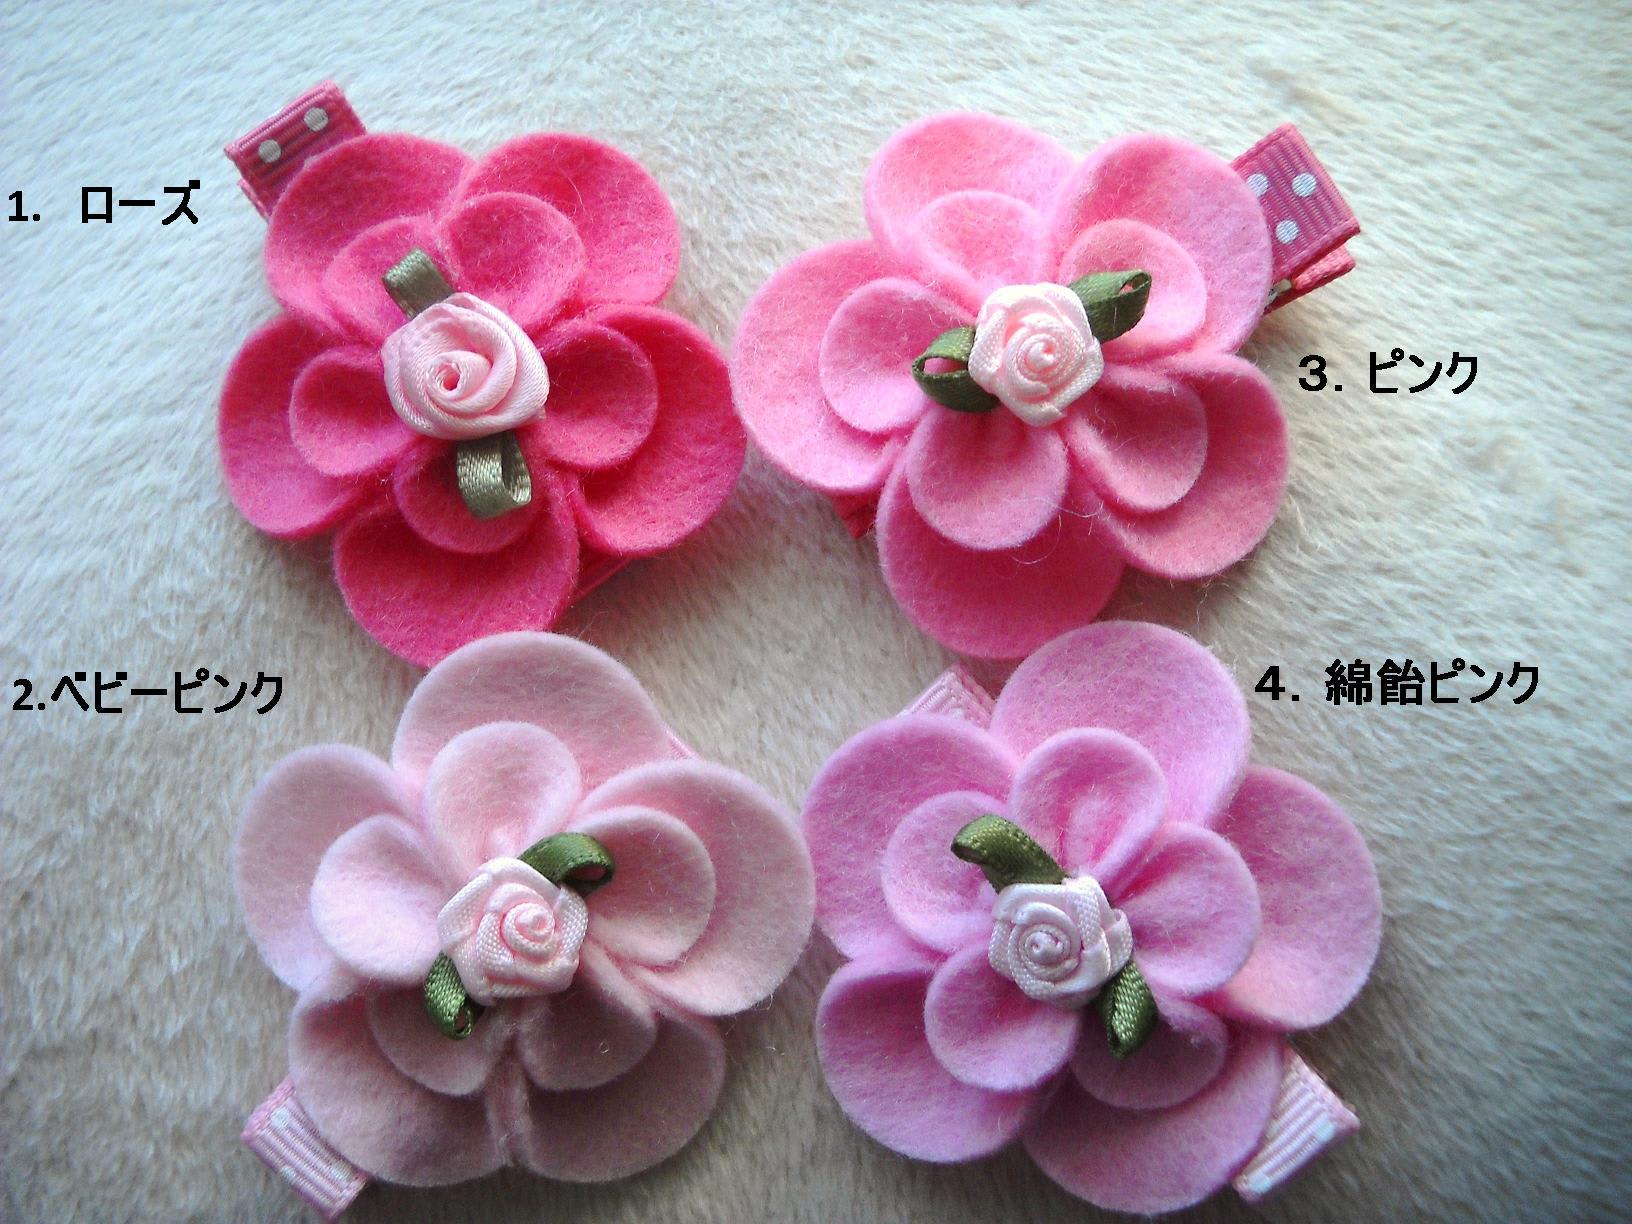 出典blogimg.goo.ne.jp